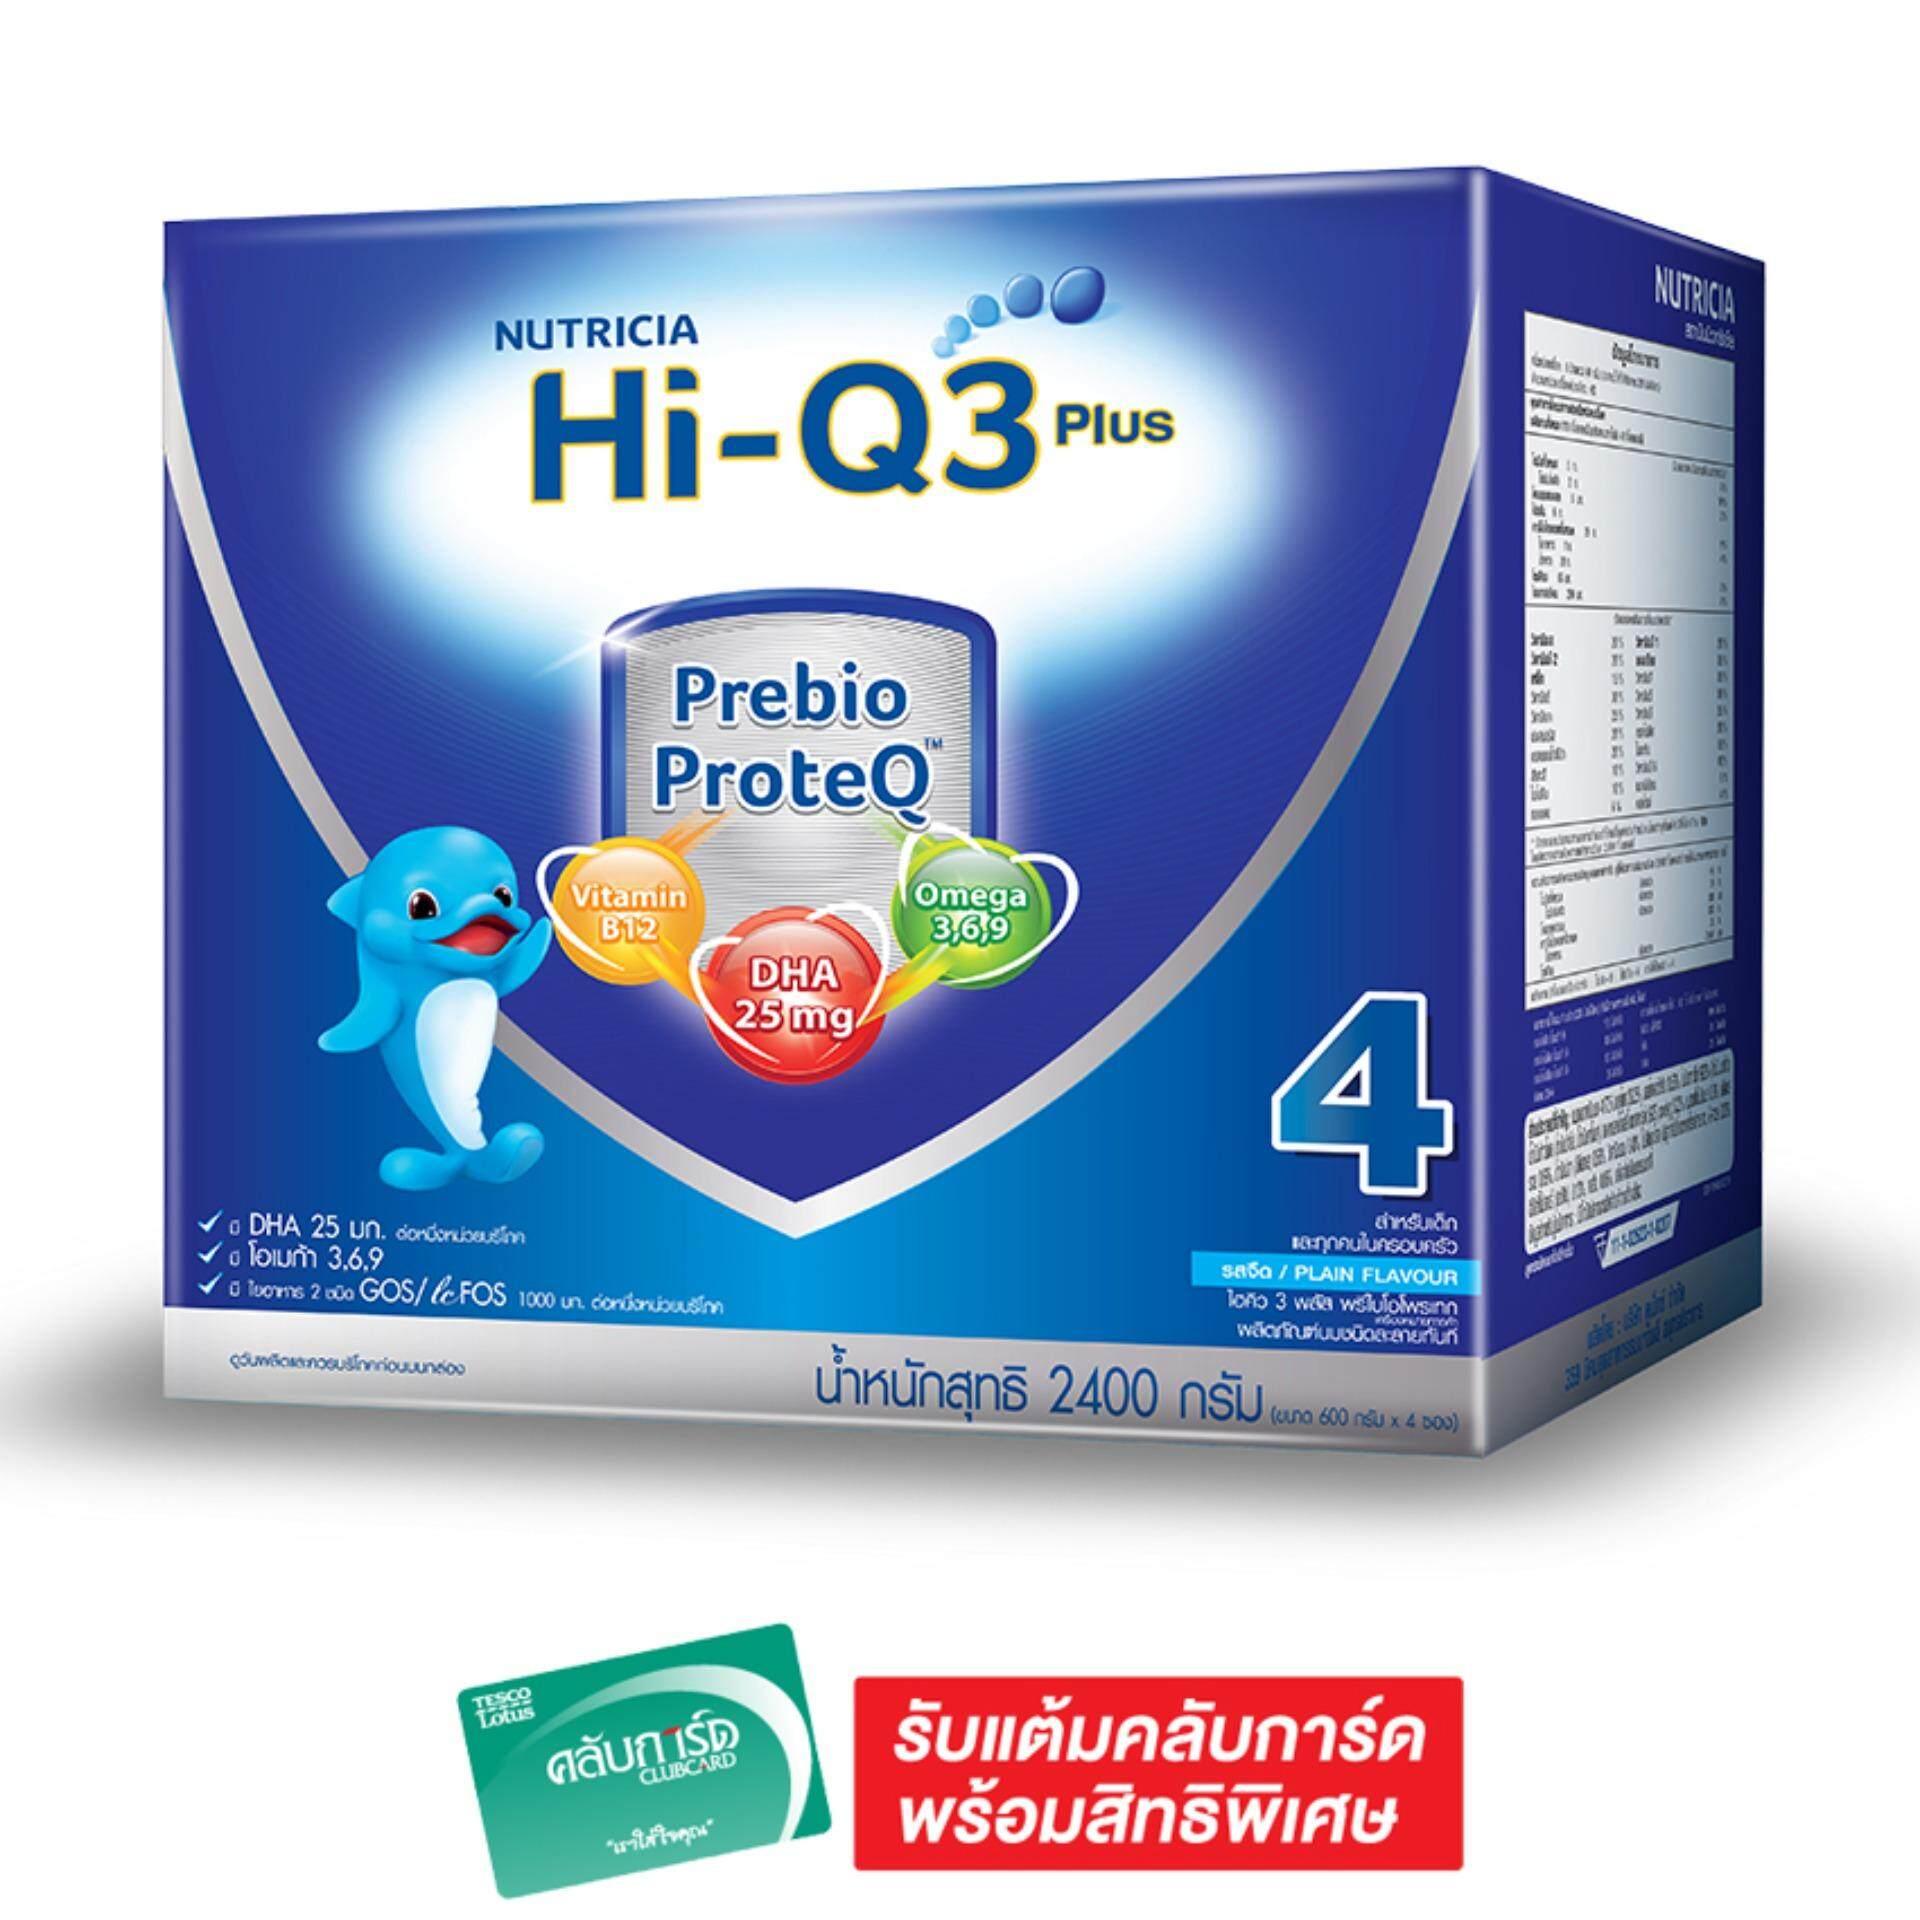 ขาย Hi Q ไฮคิว นมผง 3 พลัส พรีไบโอโพรเทก รสจืด 2400 กรัม ออนไลน์ กรุงเทพมหานคร